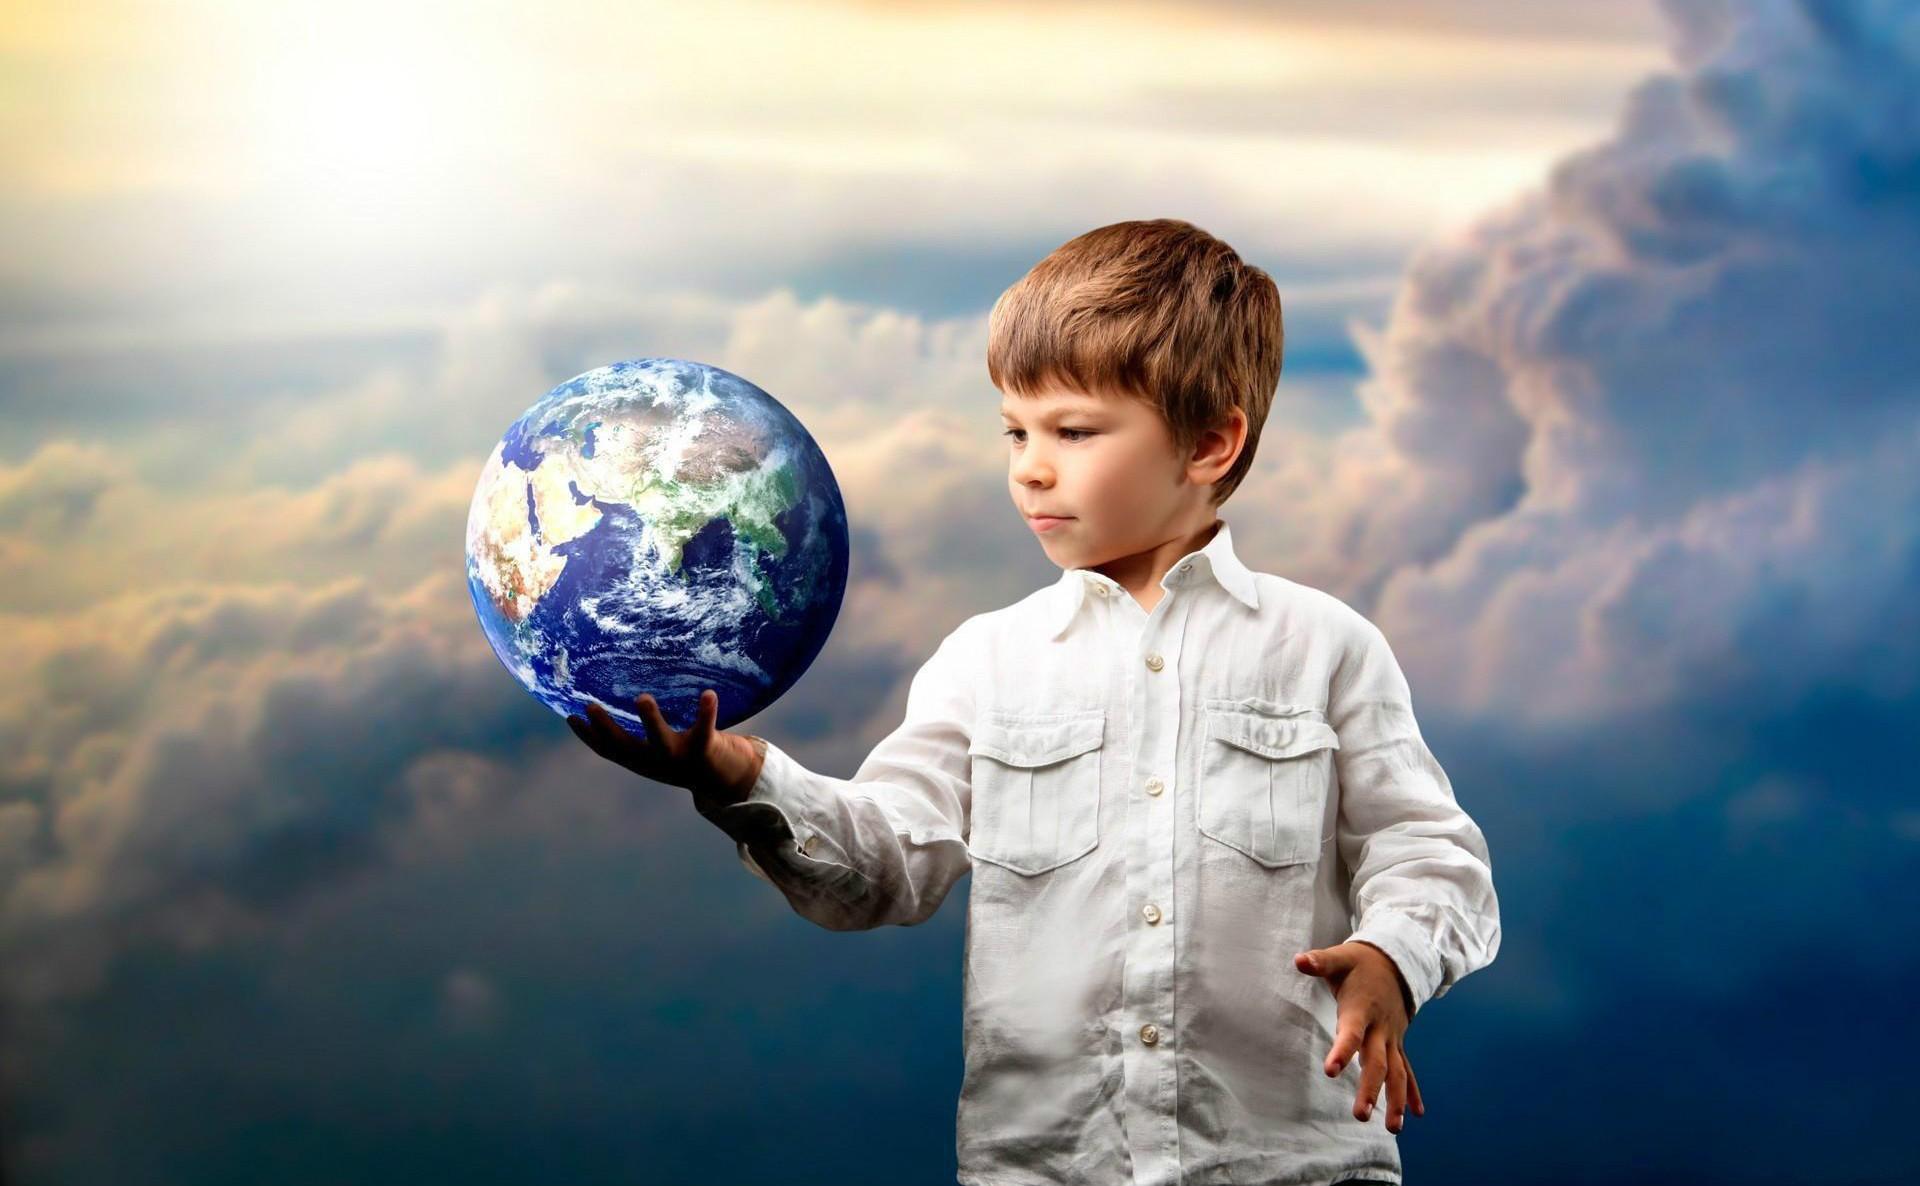 миллиардов людей картинки новый мир хочу новороссийск является